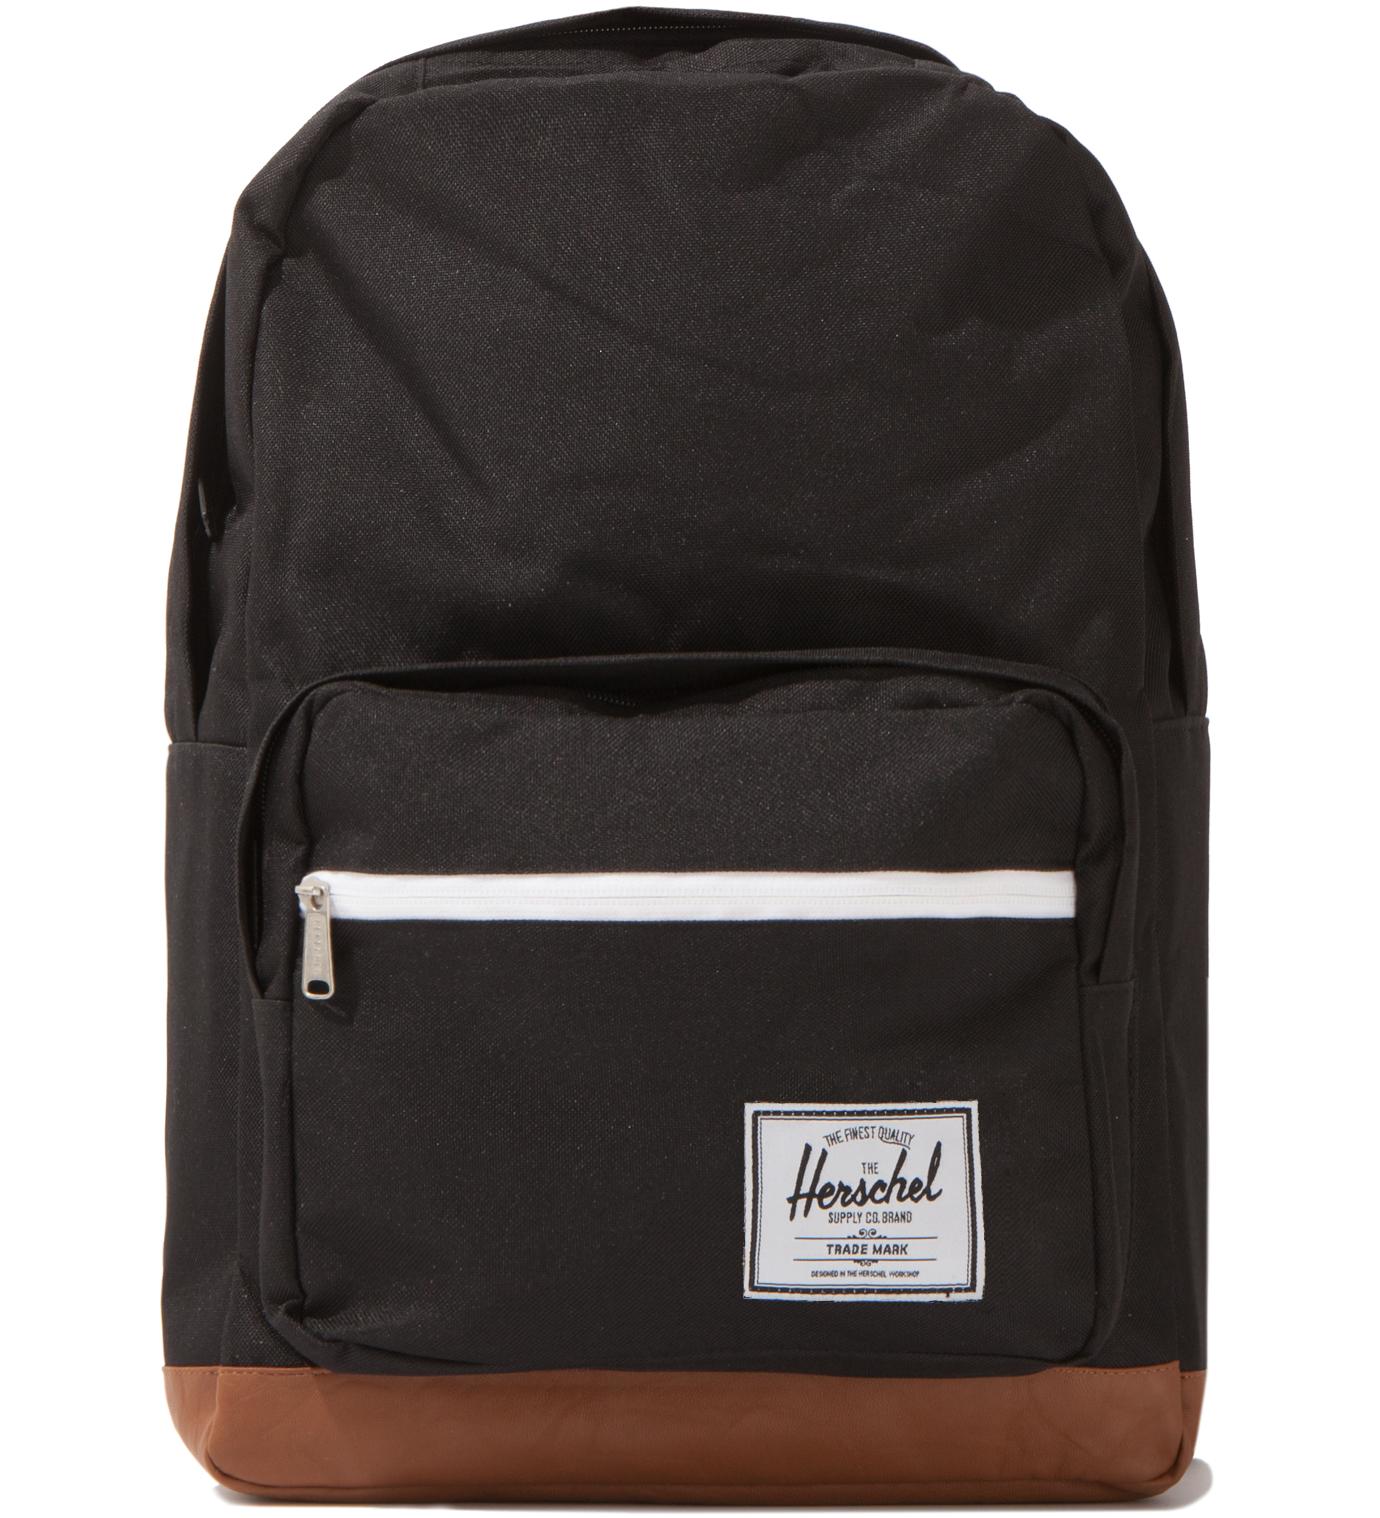 Herschel Supply Co. Black Pop Quiz Backpack